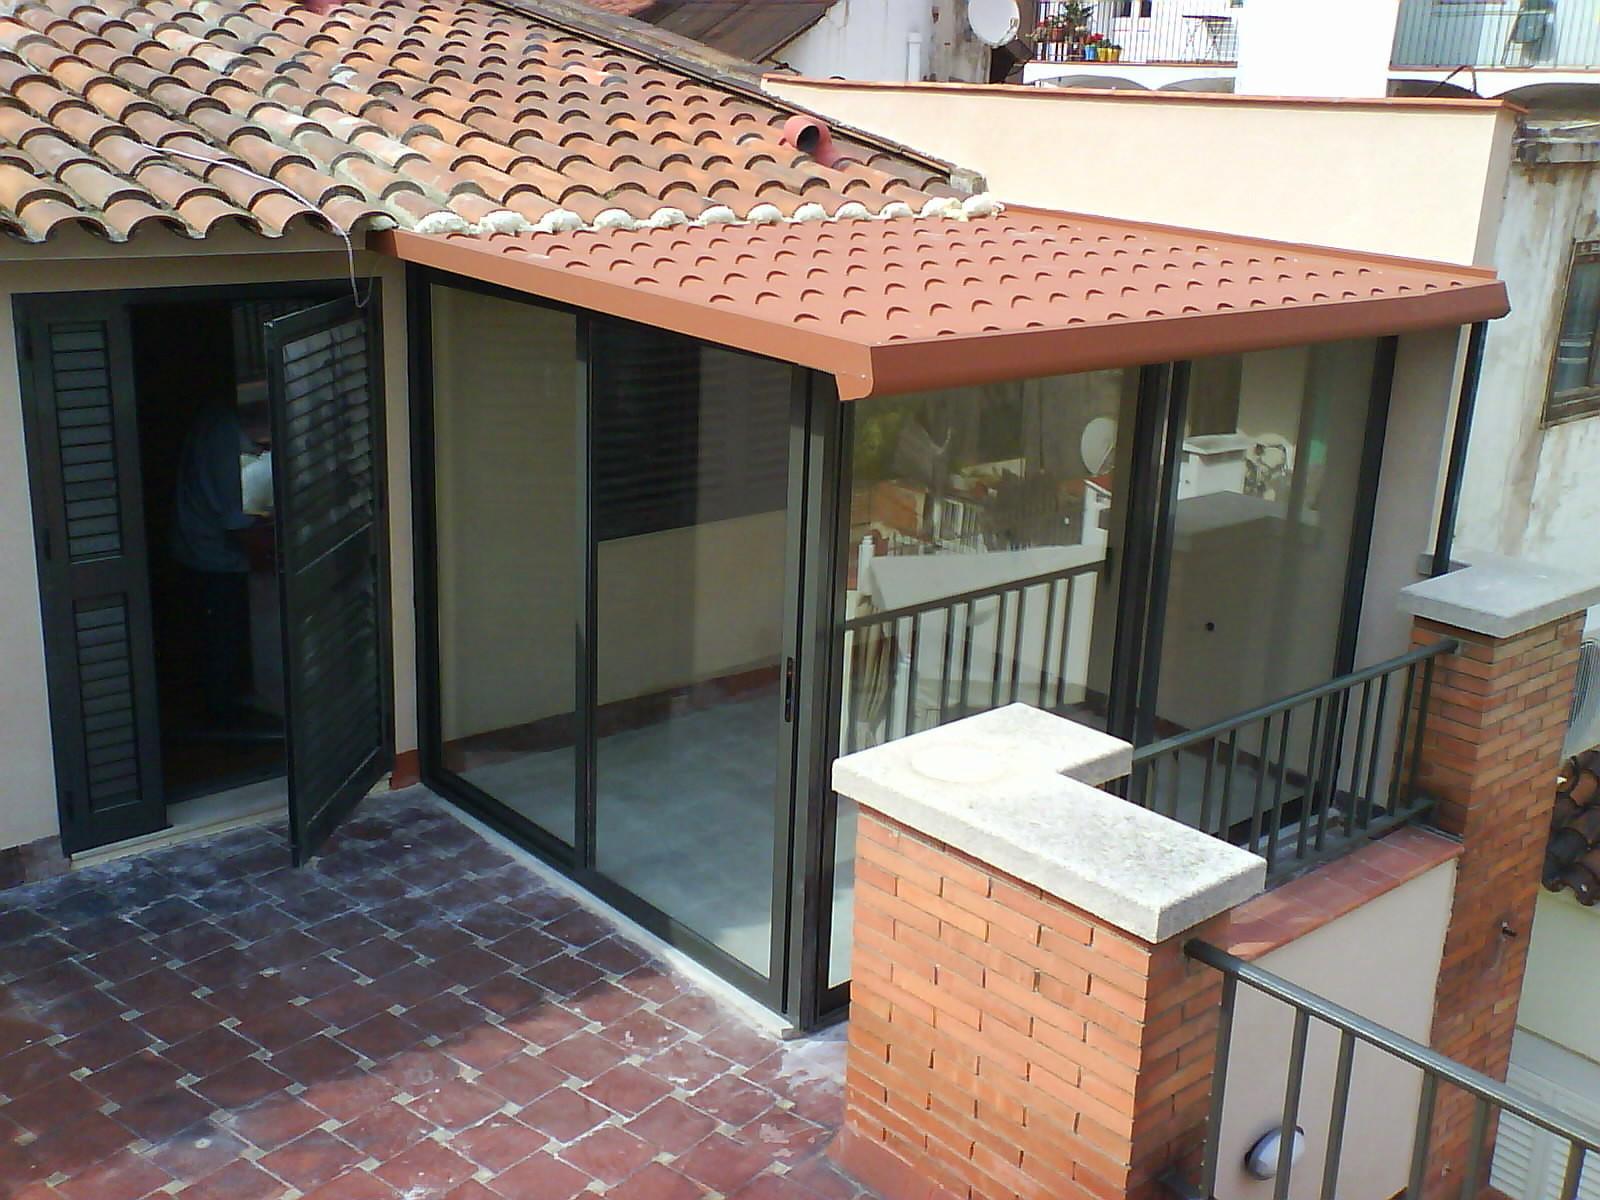 Cerramiento terraza carpinter a de aluminio barcelona - Cerramientos de aluminio para porches ...